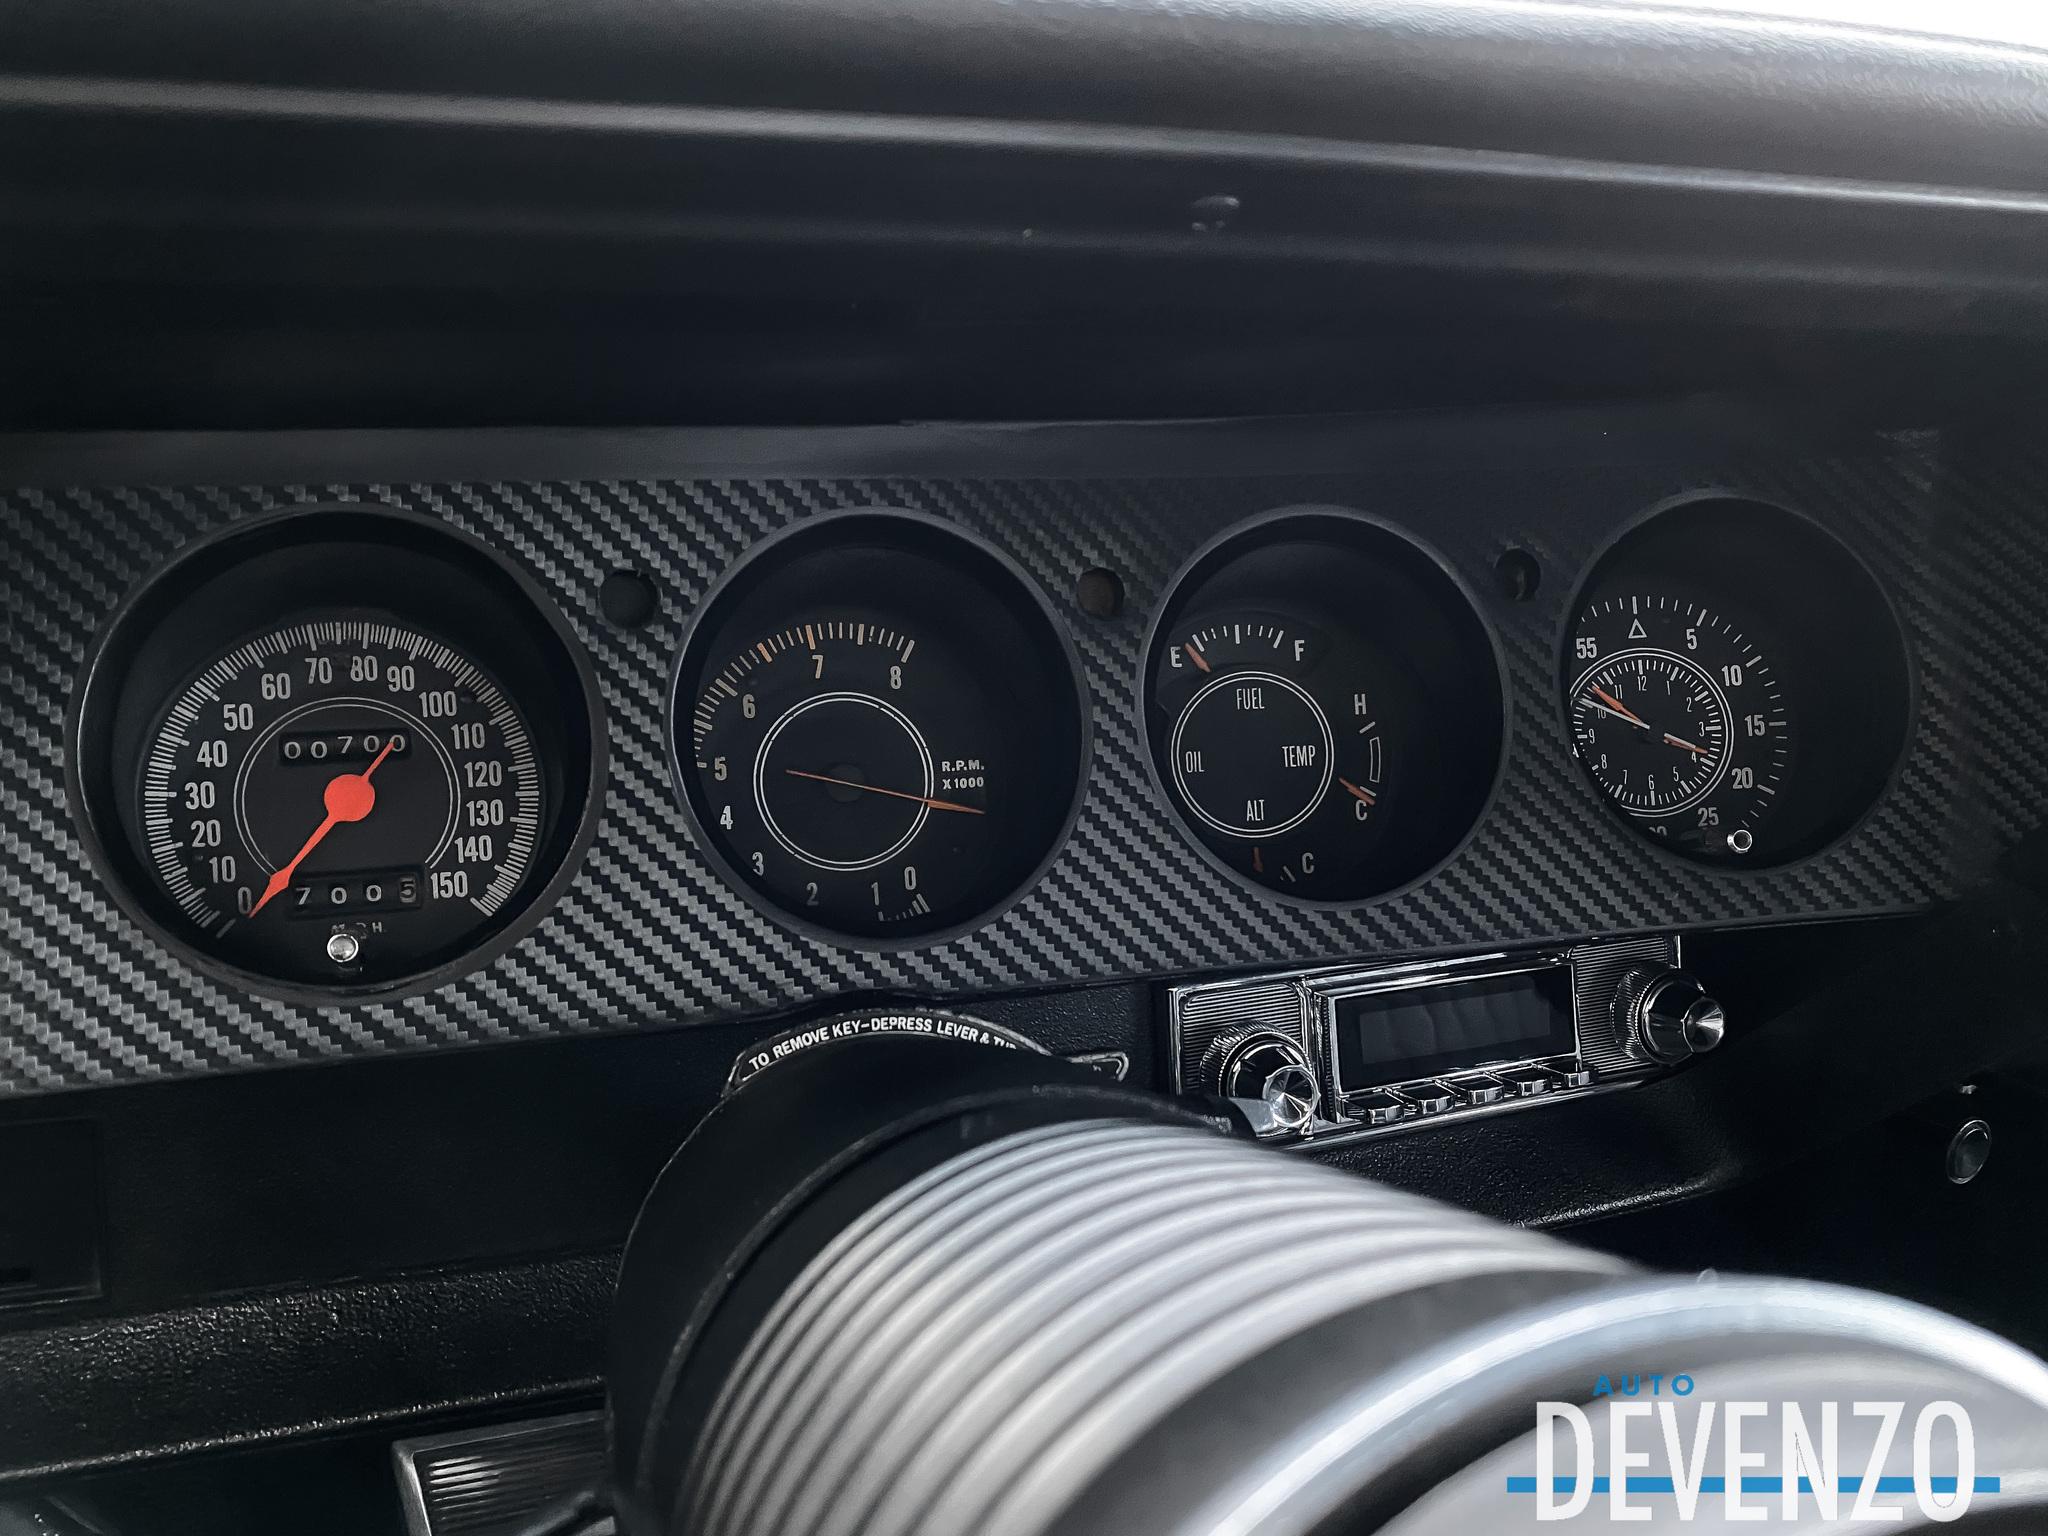 1972 Plymouth CUDA CUDA 340 MOTEUR 700 MILES RESTORATION COMPLETE complet